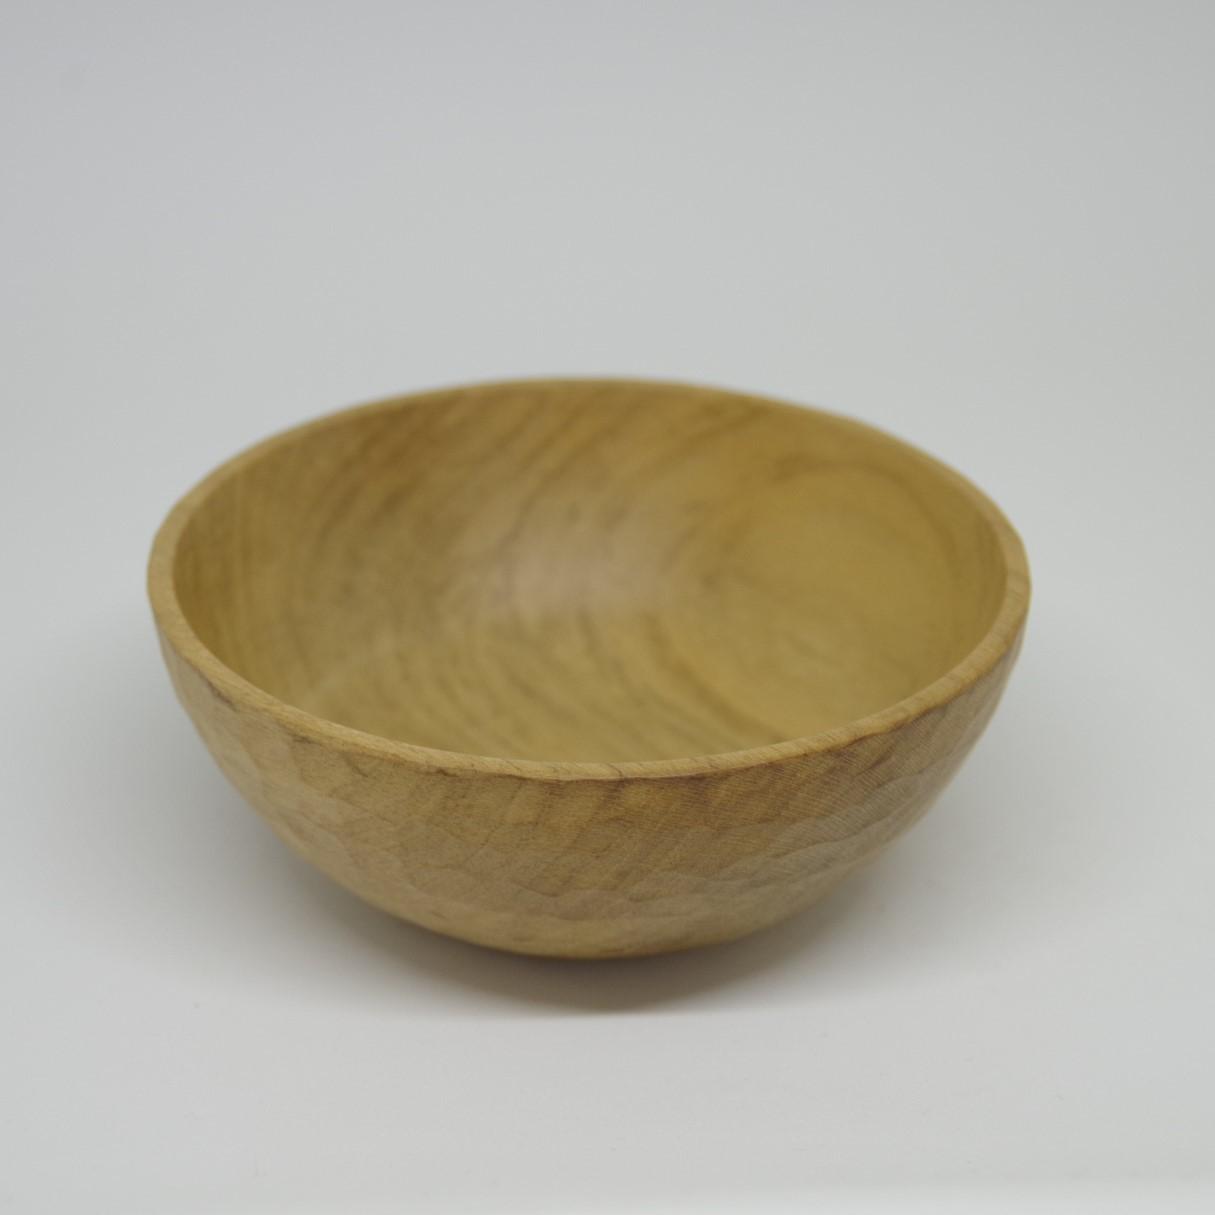 沖縄の木工【あさと木漆工房】すbowl 11㎝